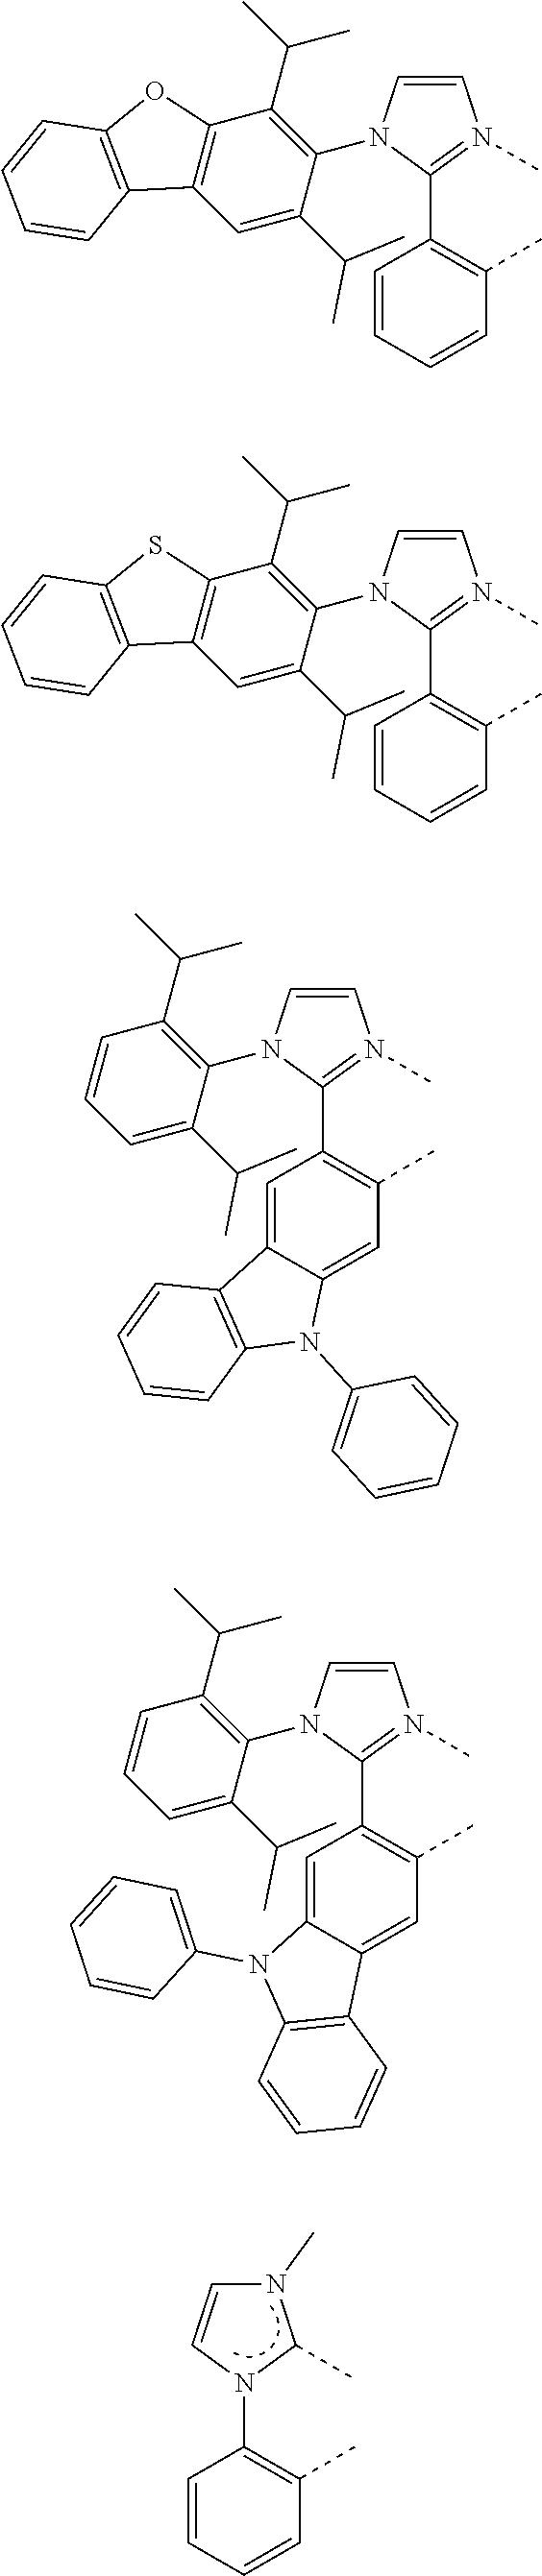 Figure US09773985-20170926-C00273